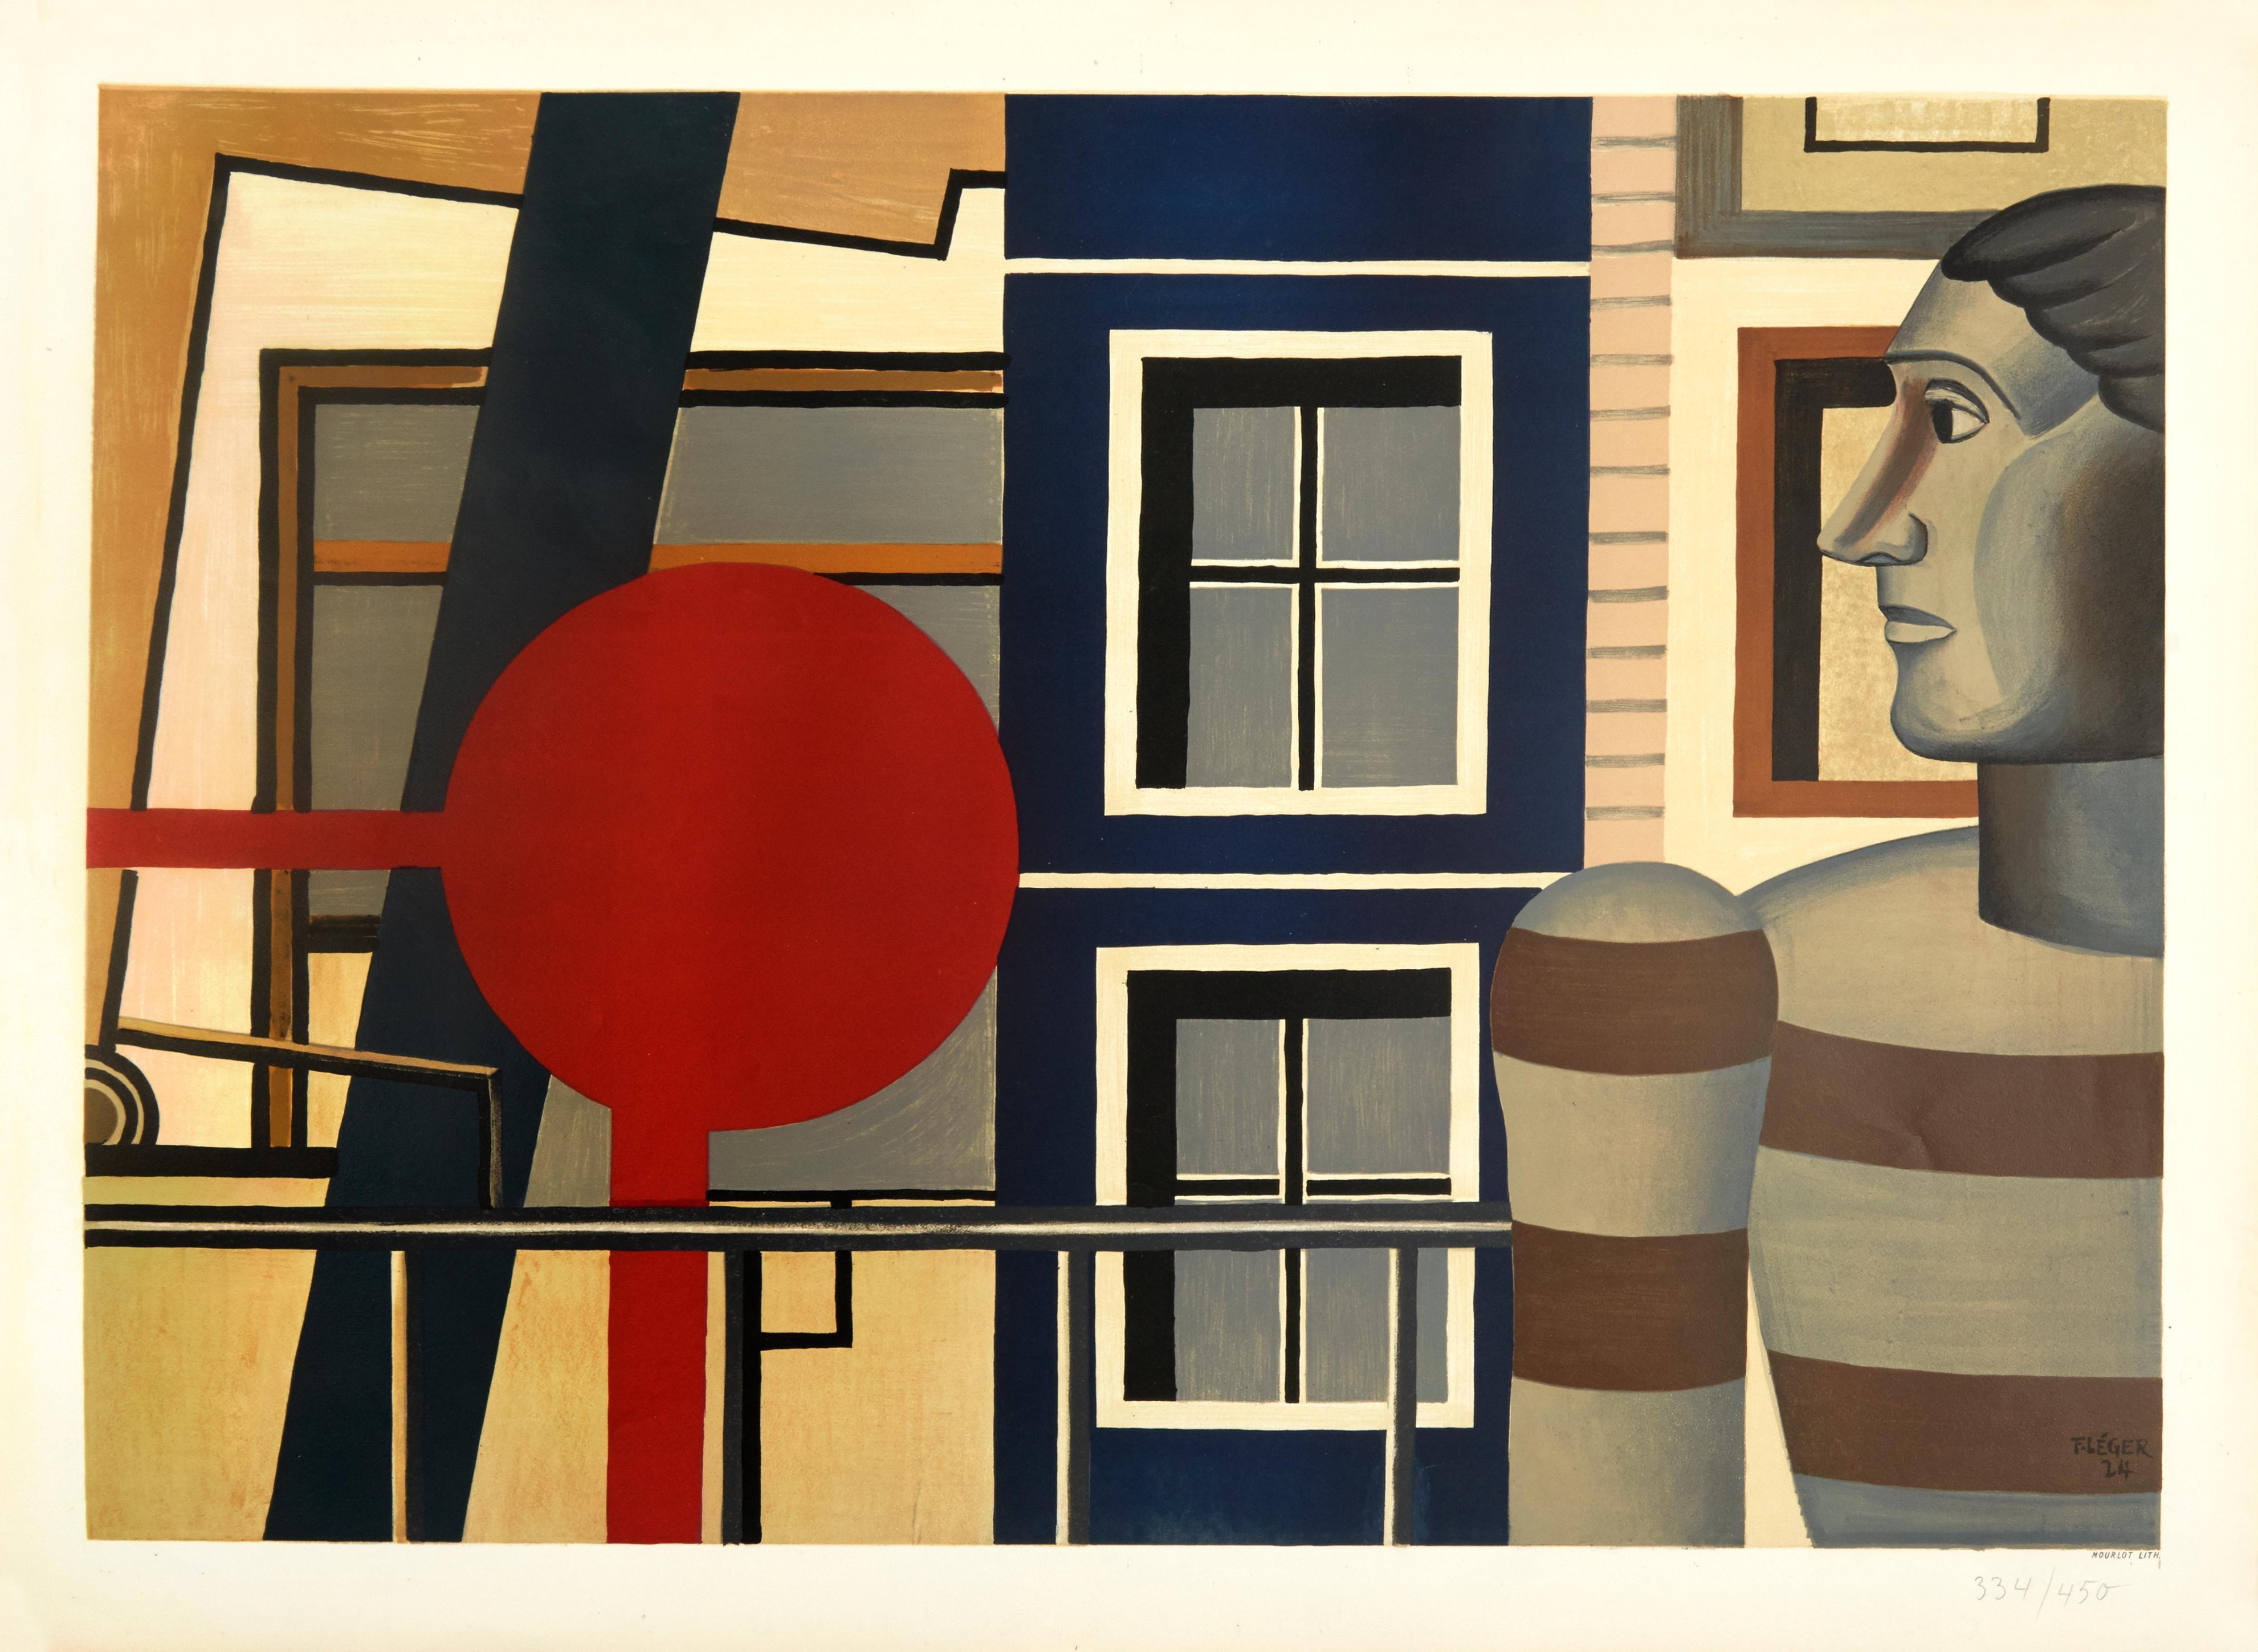 L'Homme au Chandail by Fernand Leger (1956) - color cubist lithograph